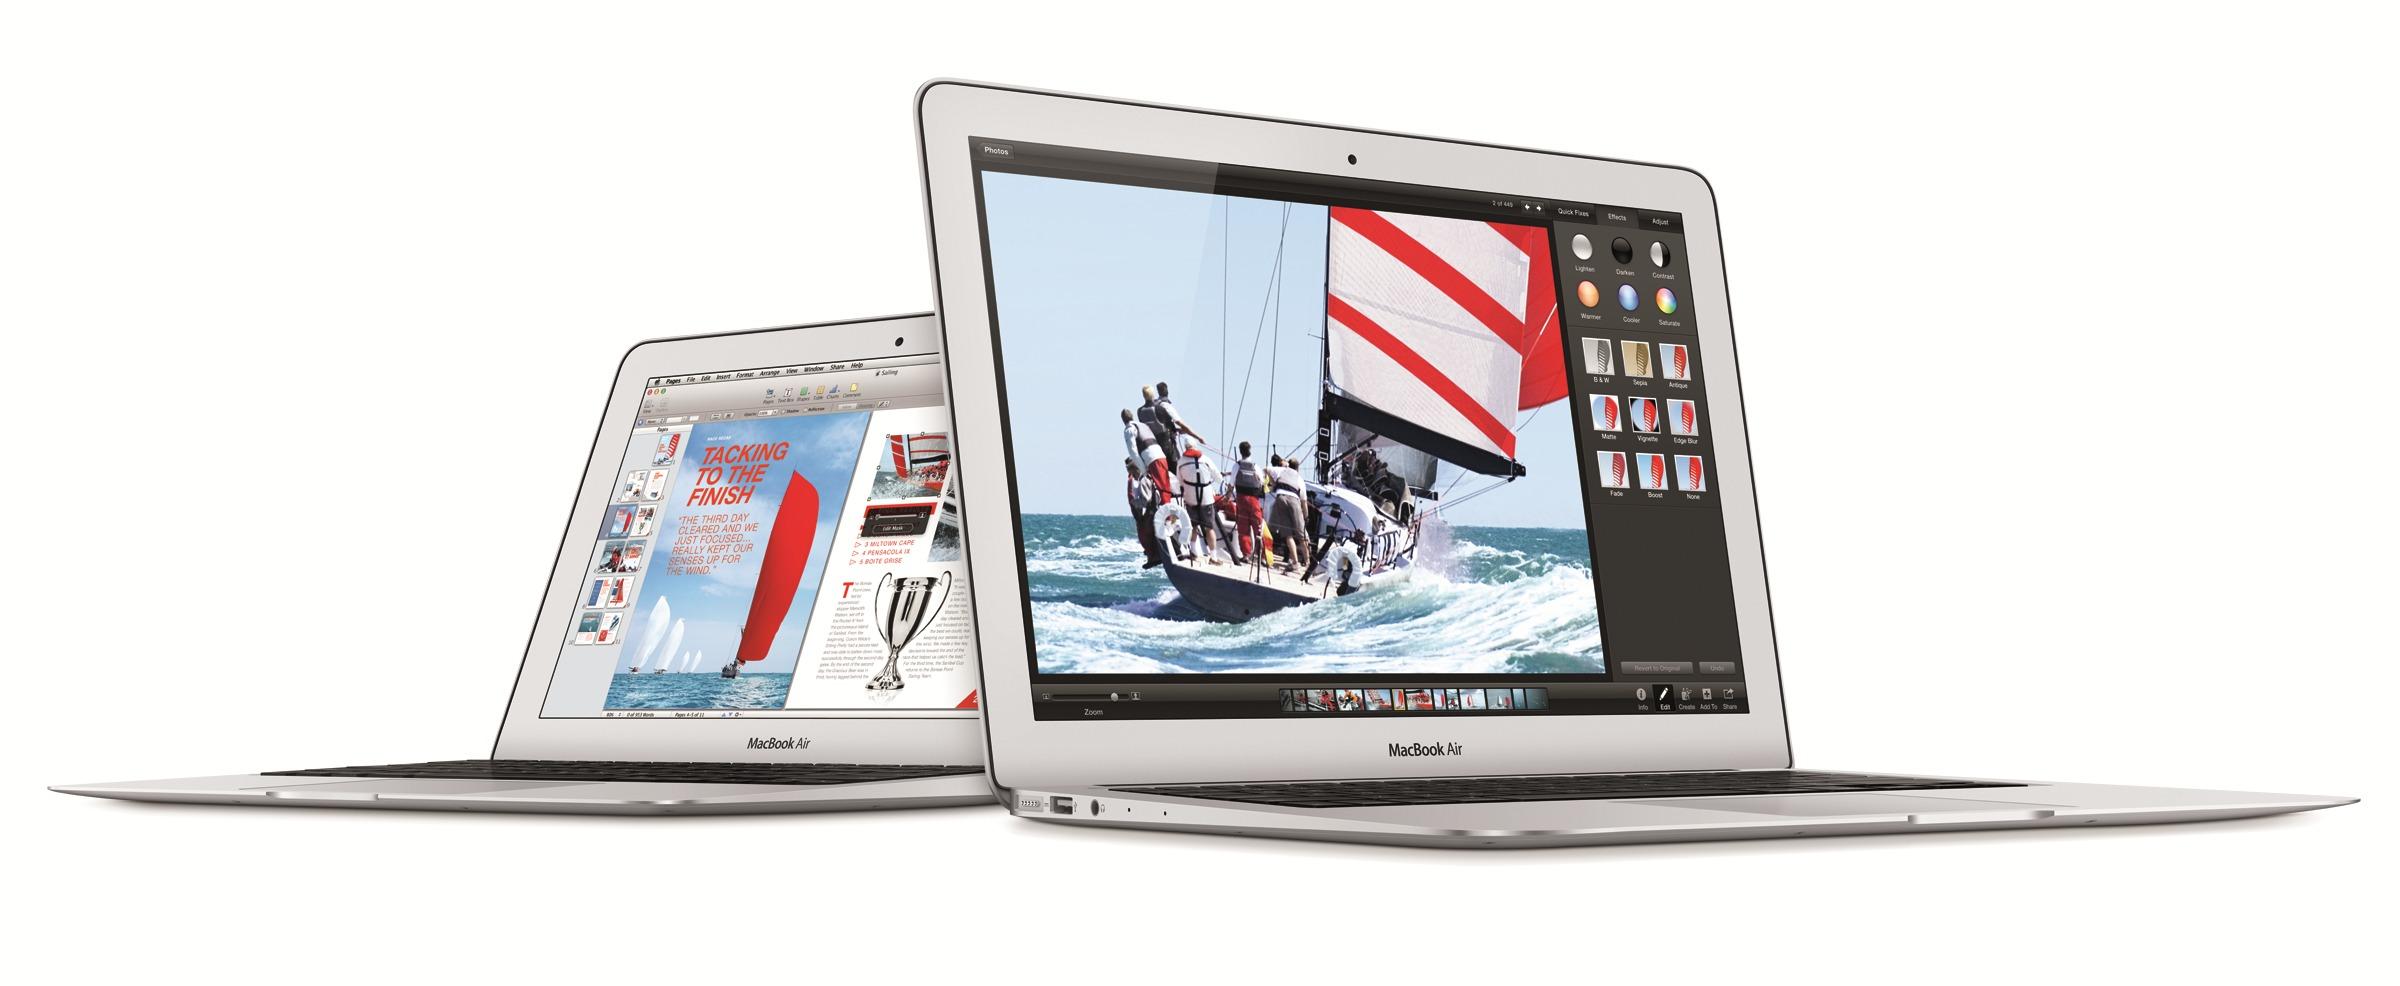 MacBook Air fra 2009 er ikke lenger støtte av Apple. Dette er den nyeste versjonen.